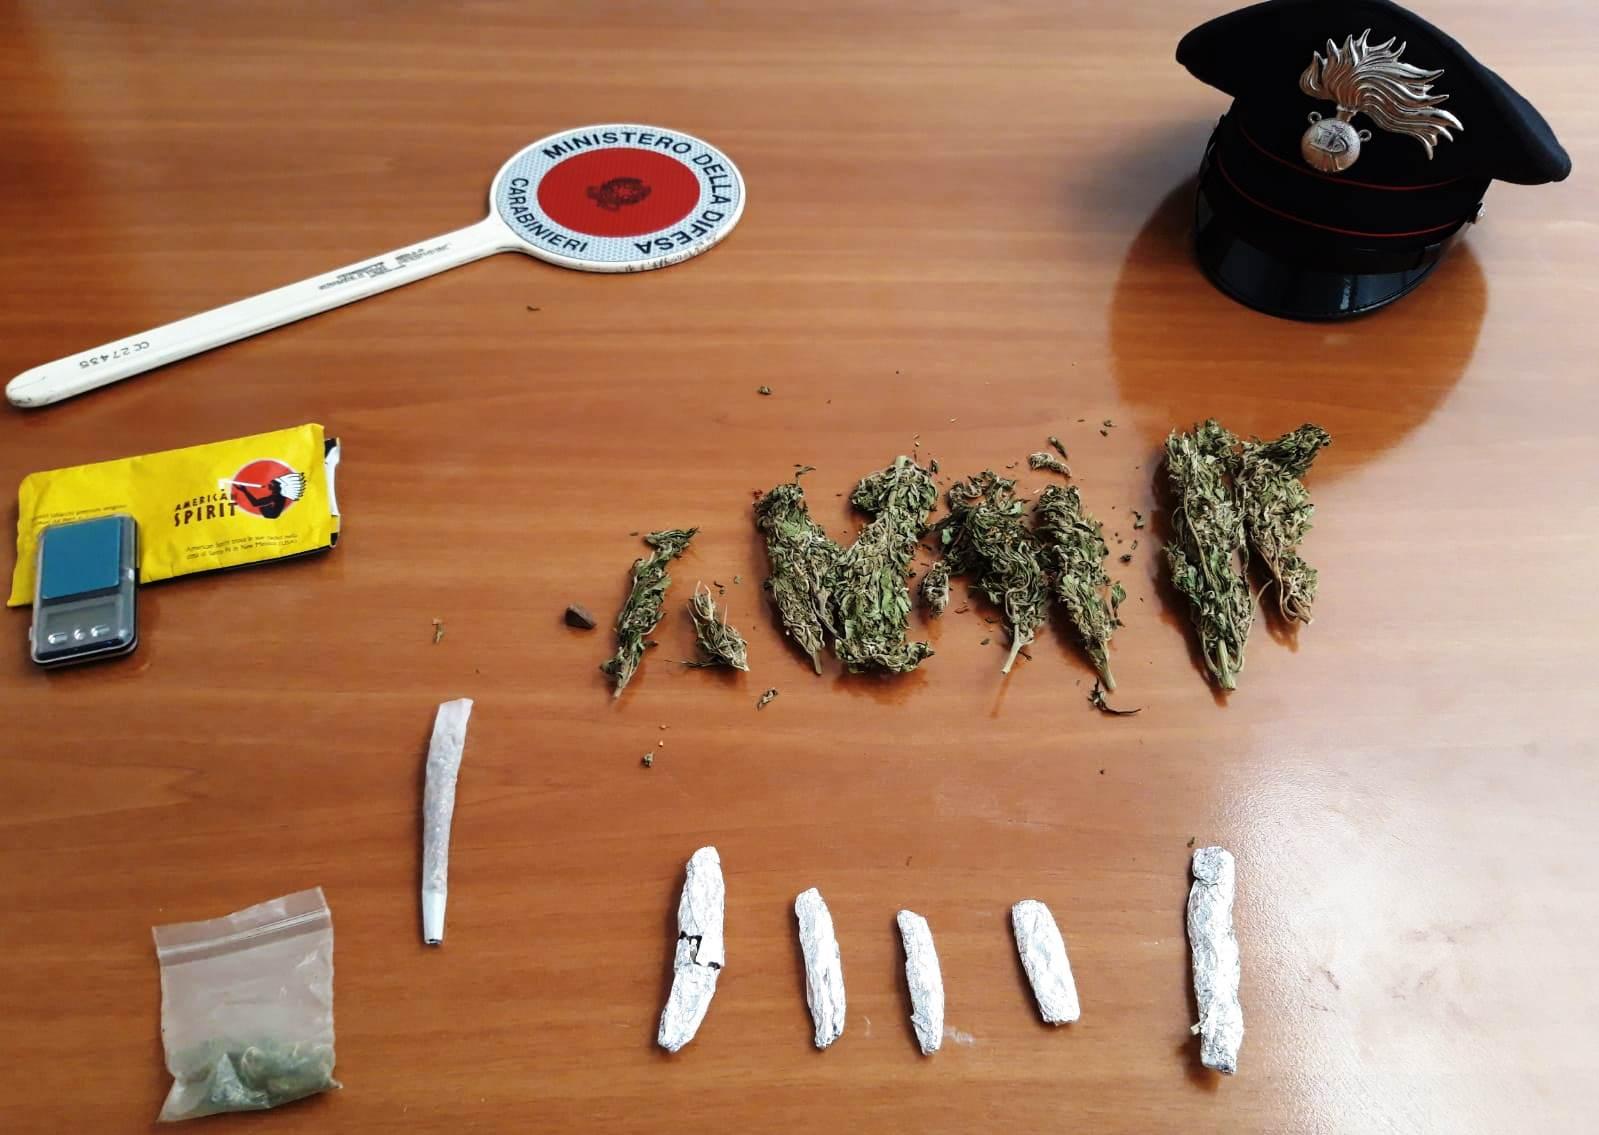 Presi alla periferia di Caltagirone con il 'fumo': due agli arresti in casa